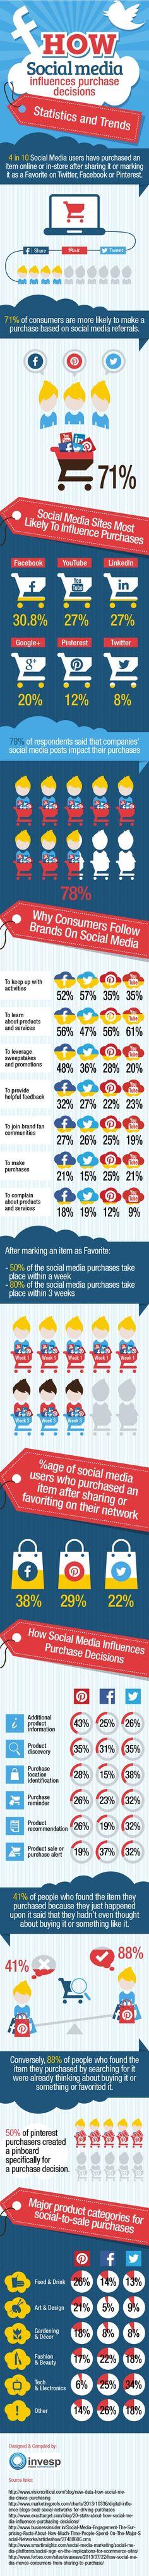 Wie werden Kaufentscheidungen von Social Media beeinflusst? | Social Secrets